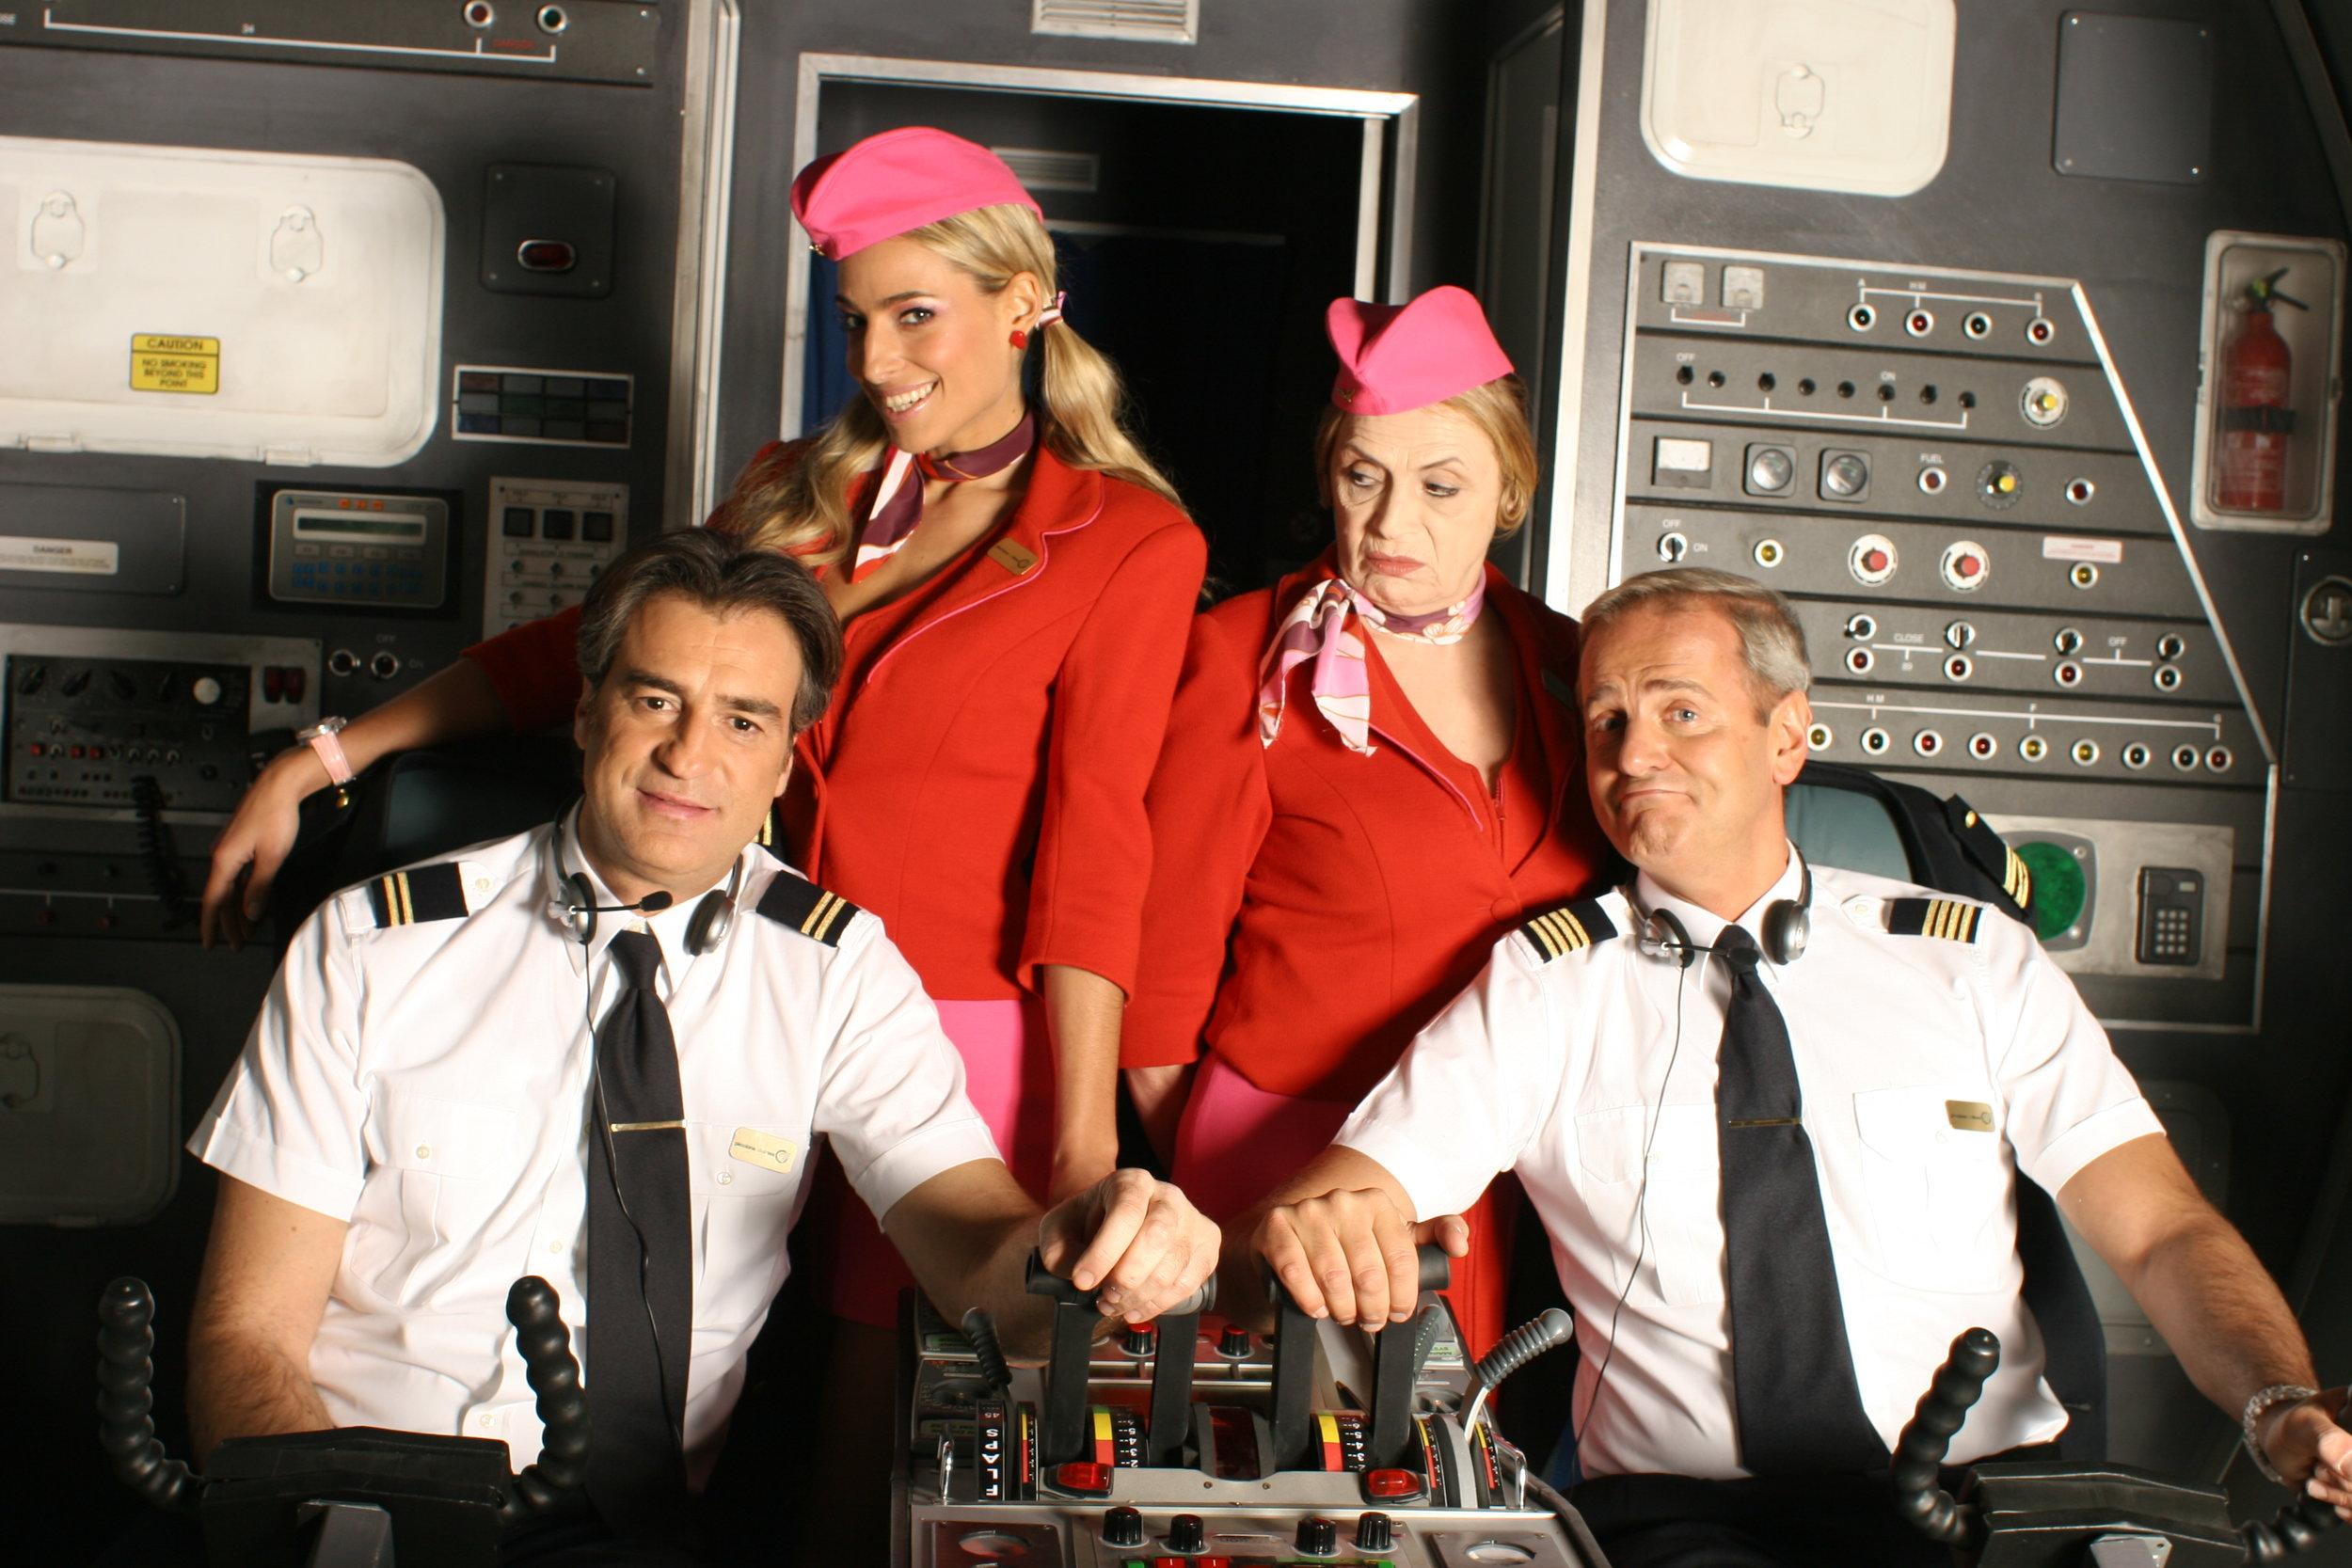 Jessica ed i suoi colleghi del cast della sitcom Piloti per la RAI